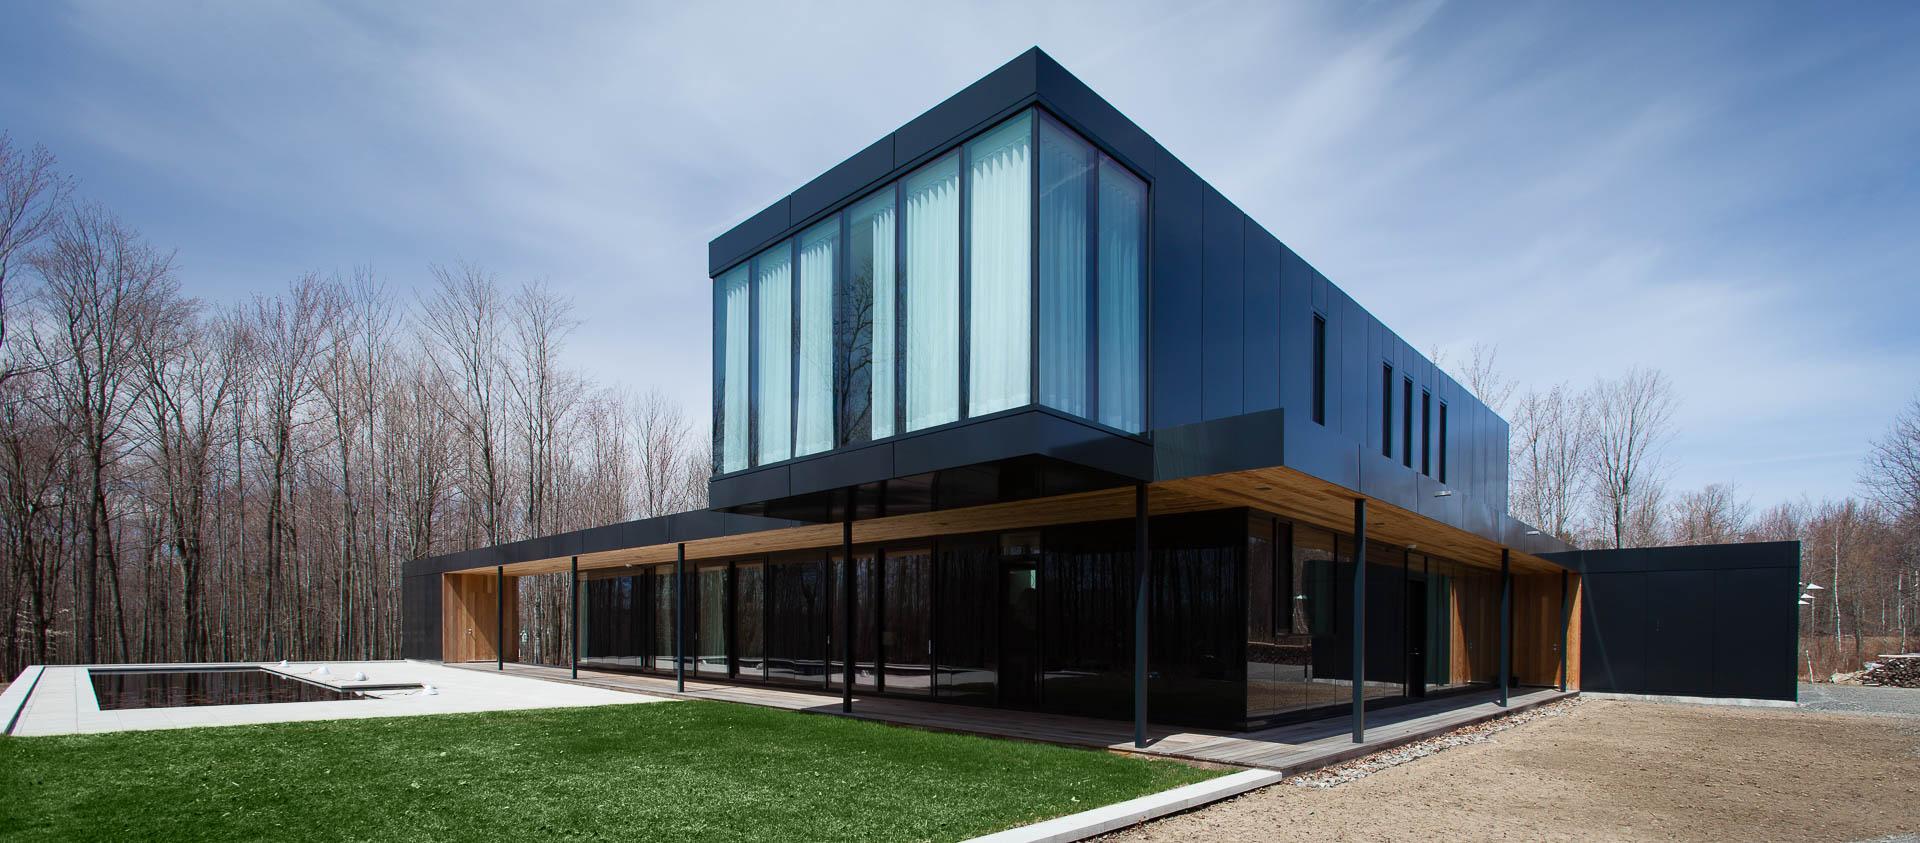 Résidence Rosenverry par Les Architectes FABG & Constructions Boivin